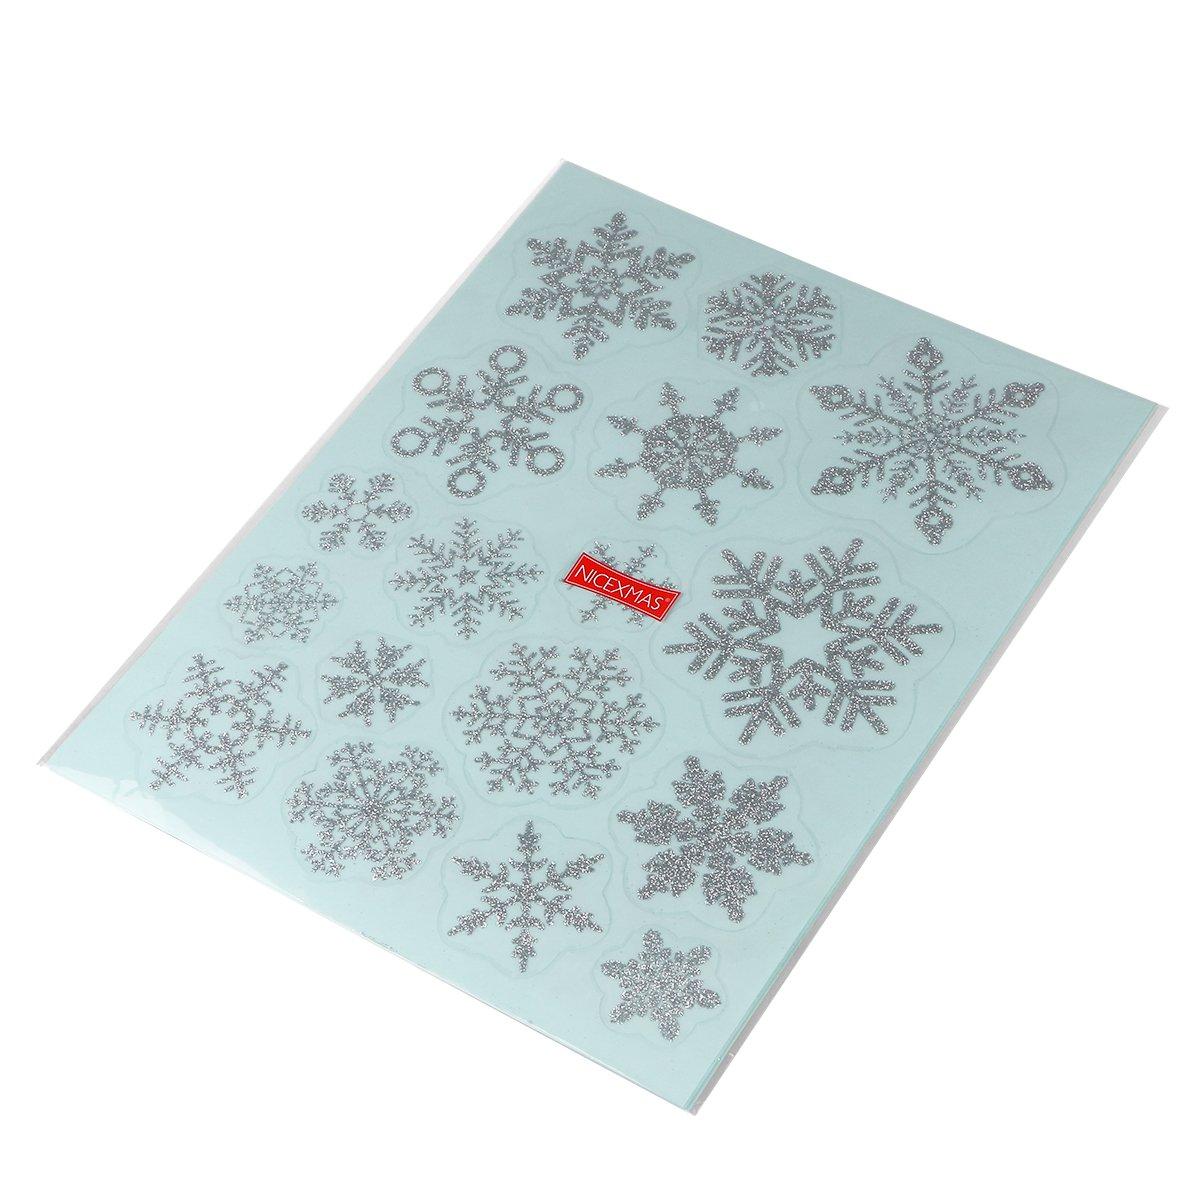 NICEXMAS 68 Pcs Christmas Decal Sticker Fiocchi di neve Decorazione Adesivo rimovibile in PVC